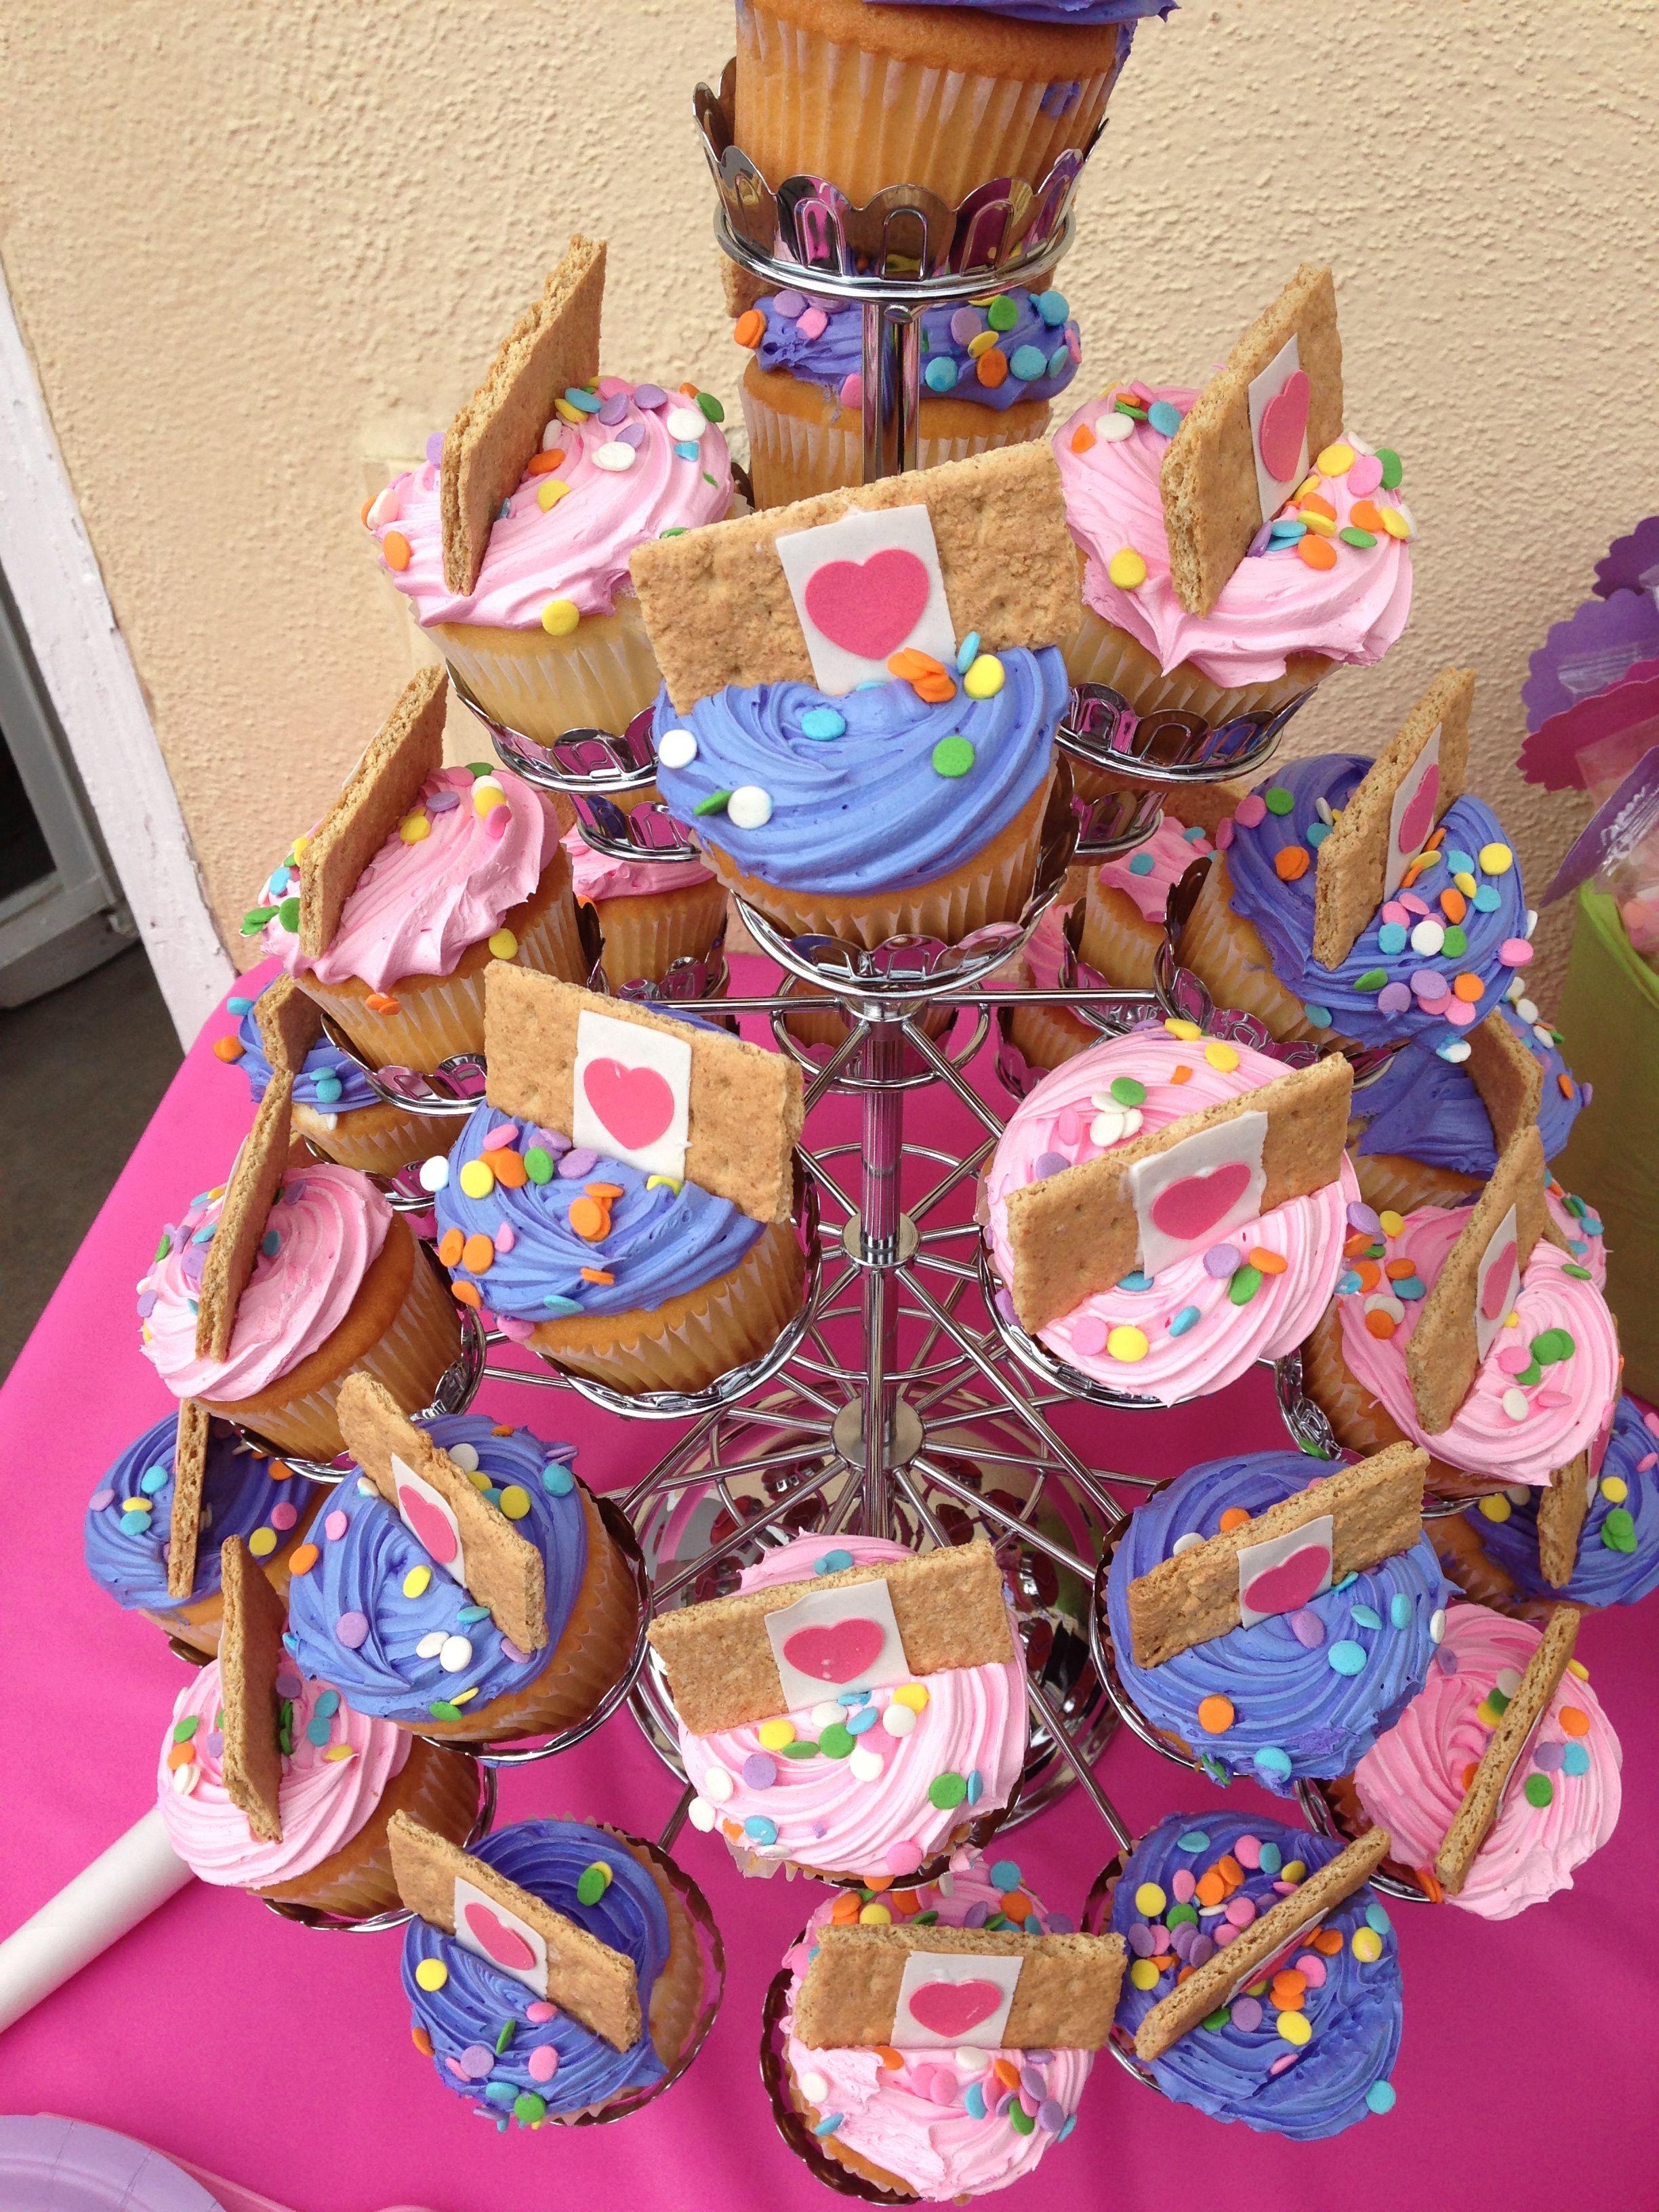 Doc mcstuffins bandages doc mcstuffins party ideas on pinterest doc - Doc Mcstuffins Cupcakes With Graham Cracker Fondant Band Aids